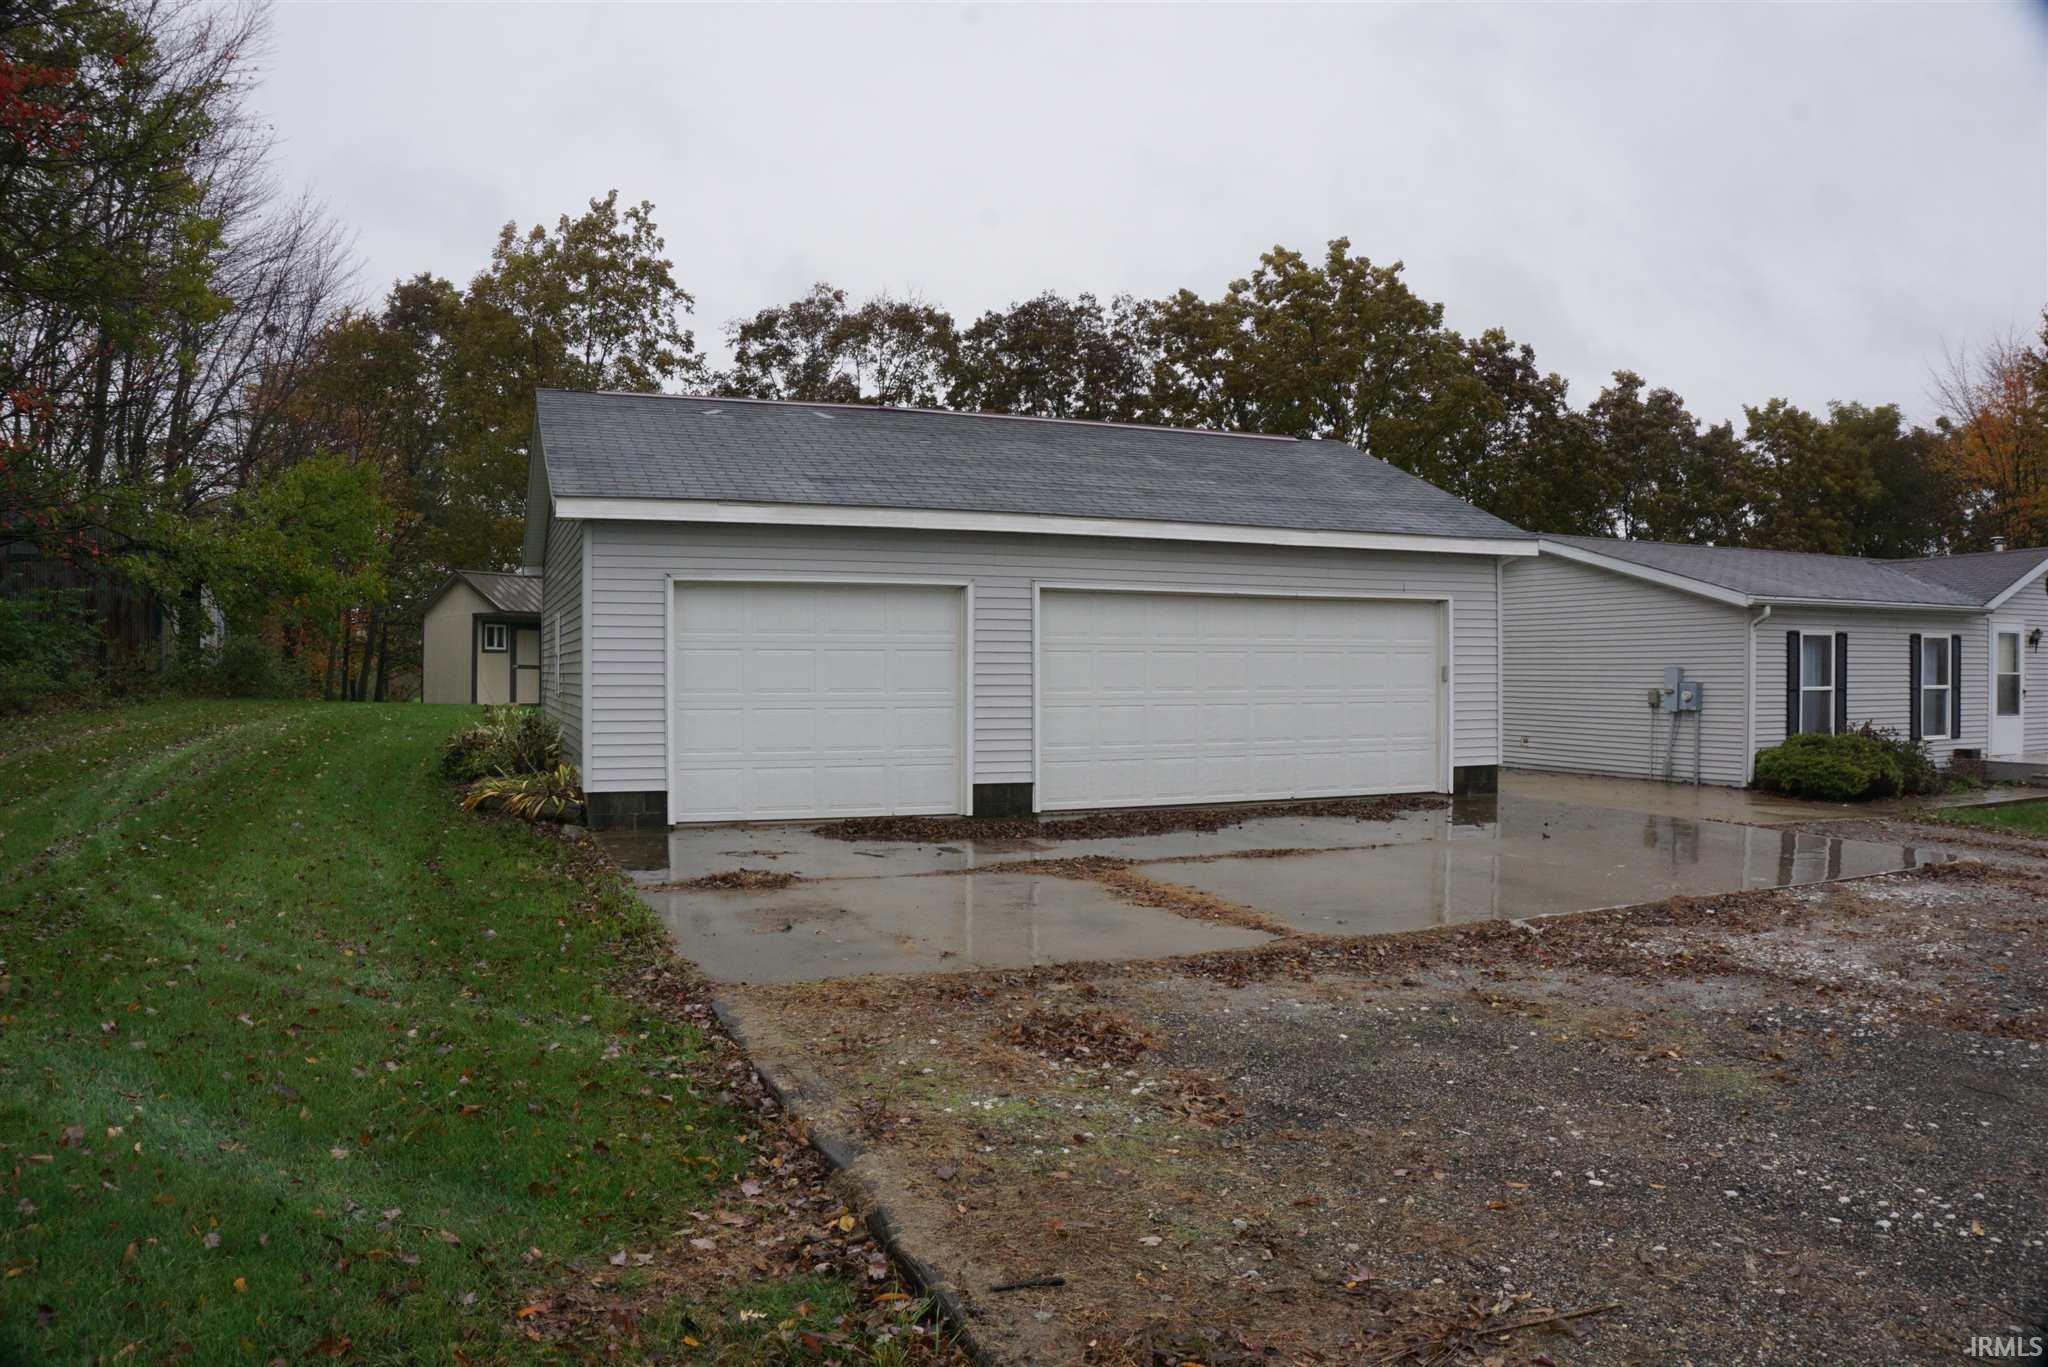 65649 County Road 13 Goshen, IN 46526